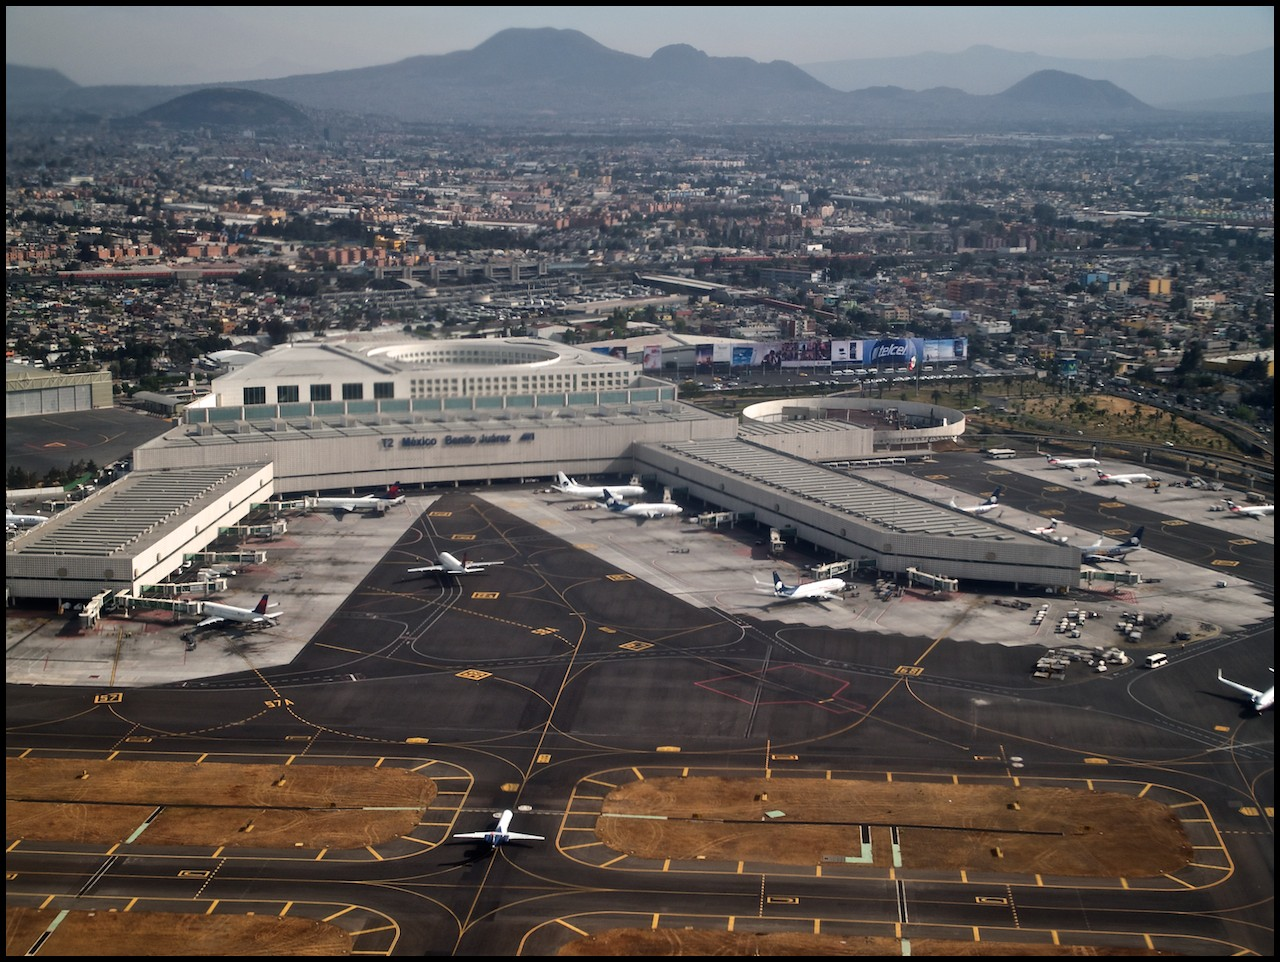 Mexico city airport flickr photo sharing for Puerta 6 aeropuerto ciudad mexico